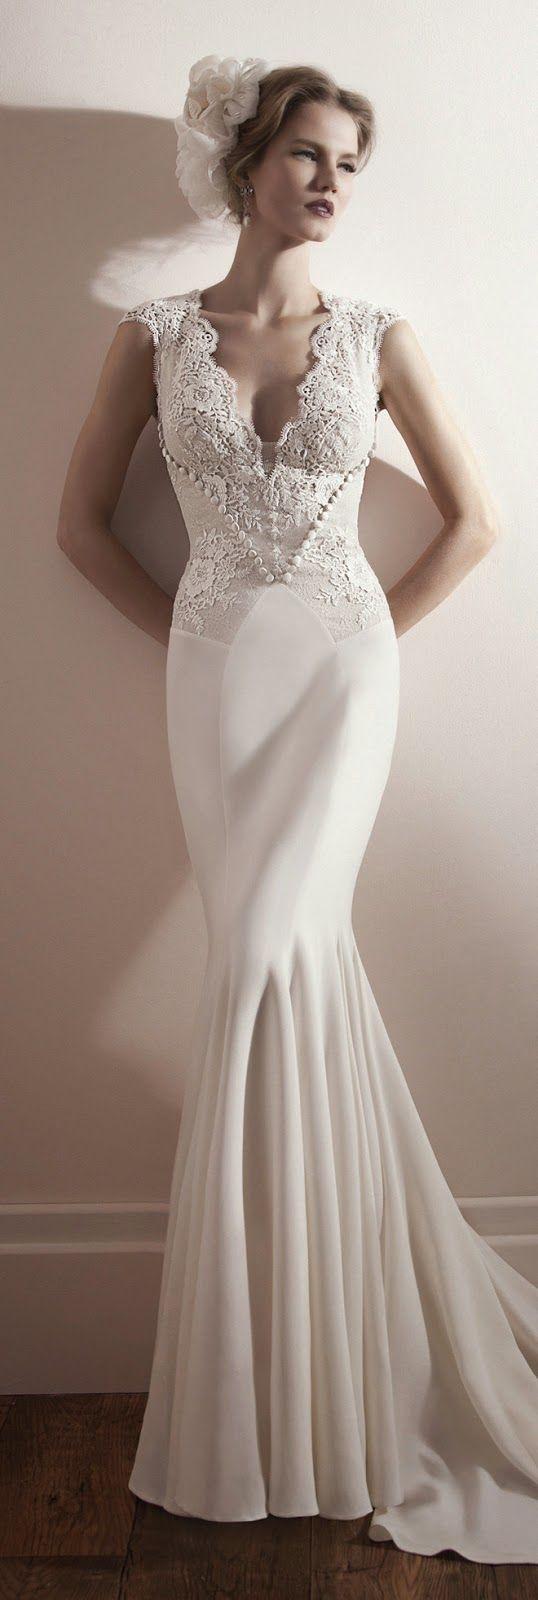 Lihi Hod 2013 Bridal Collection | bellethemagazine.com: